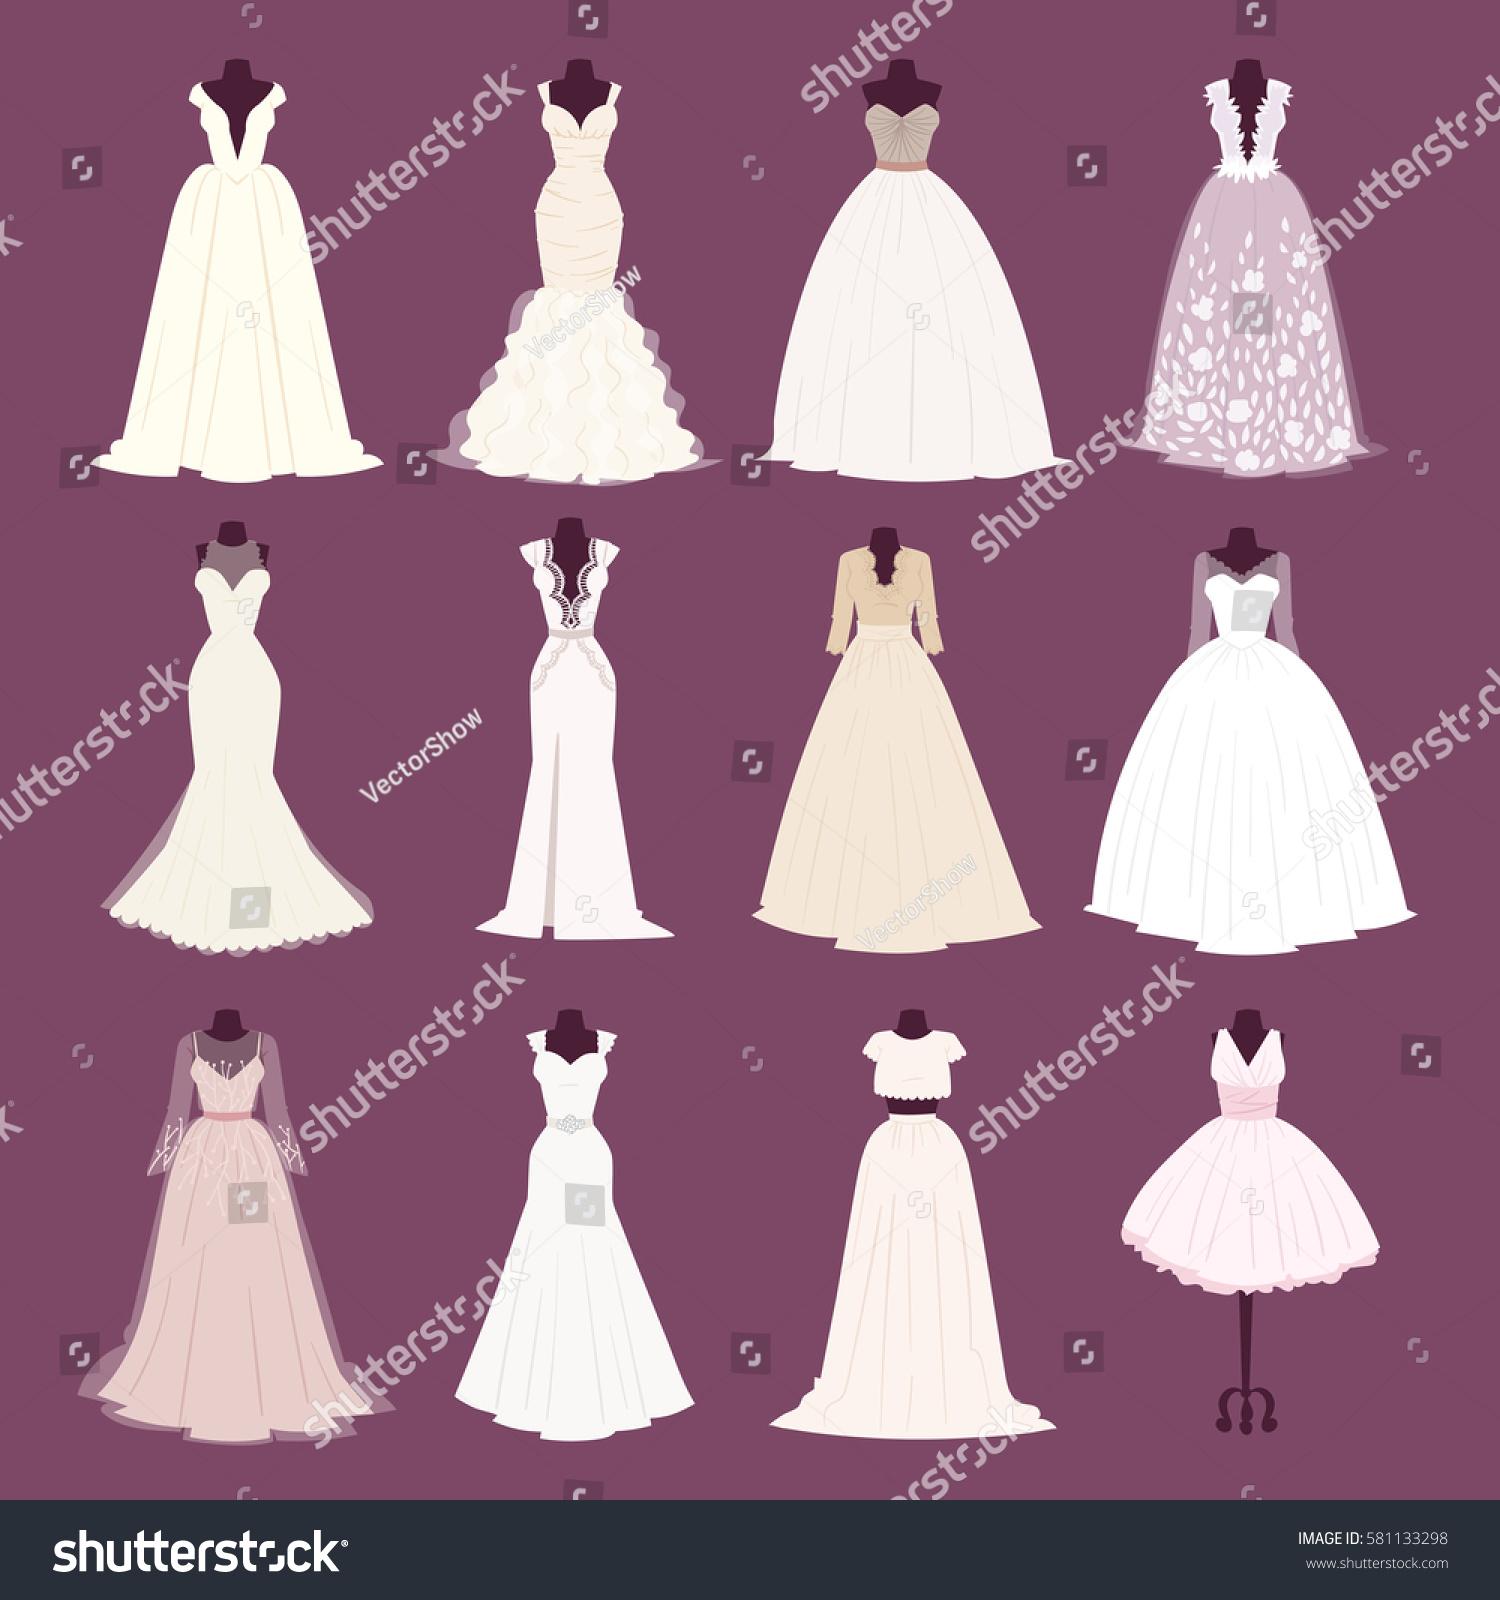 Wedding Bride Girl Dress Vector Different Stock Vector